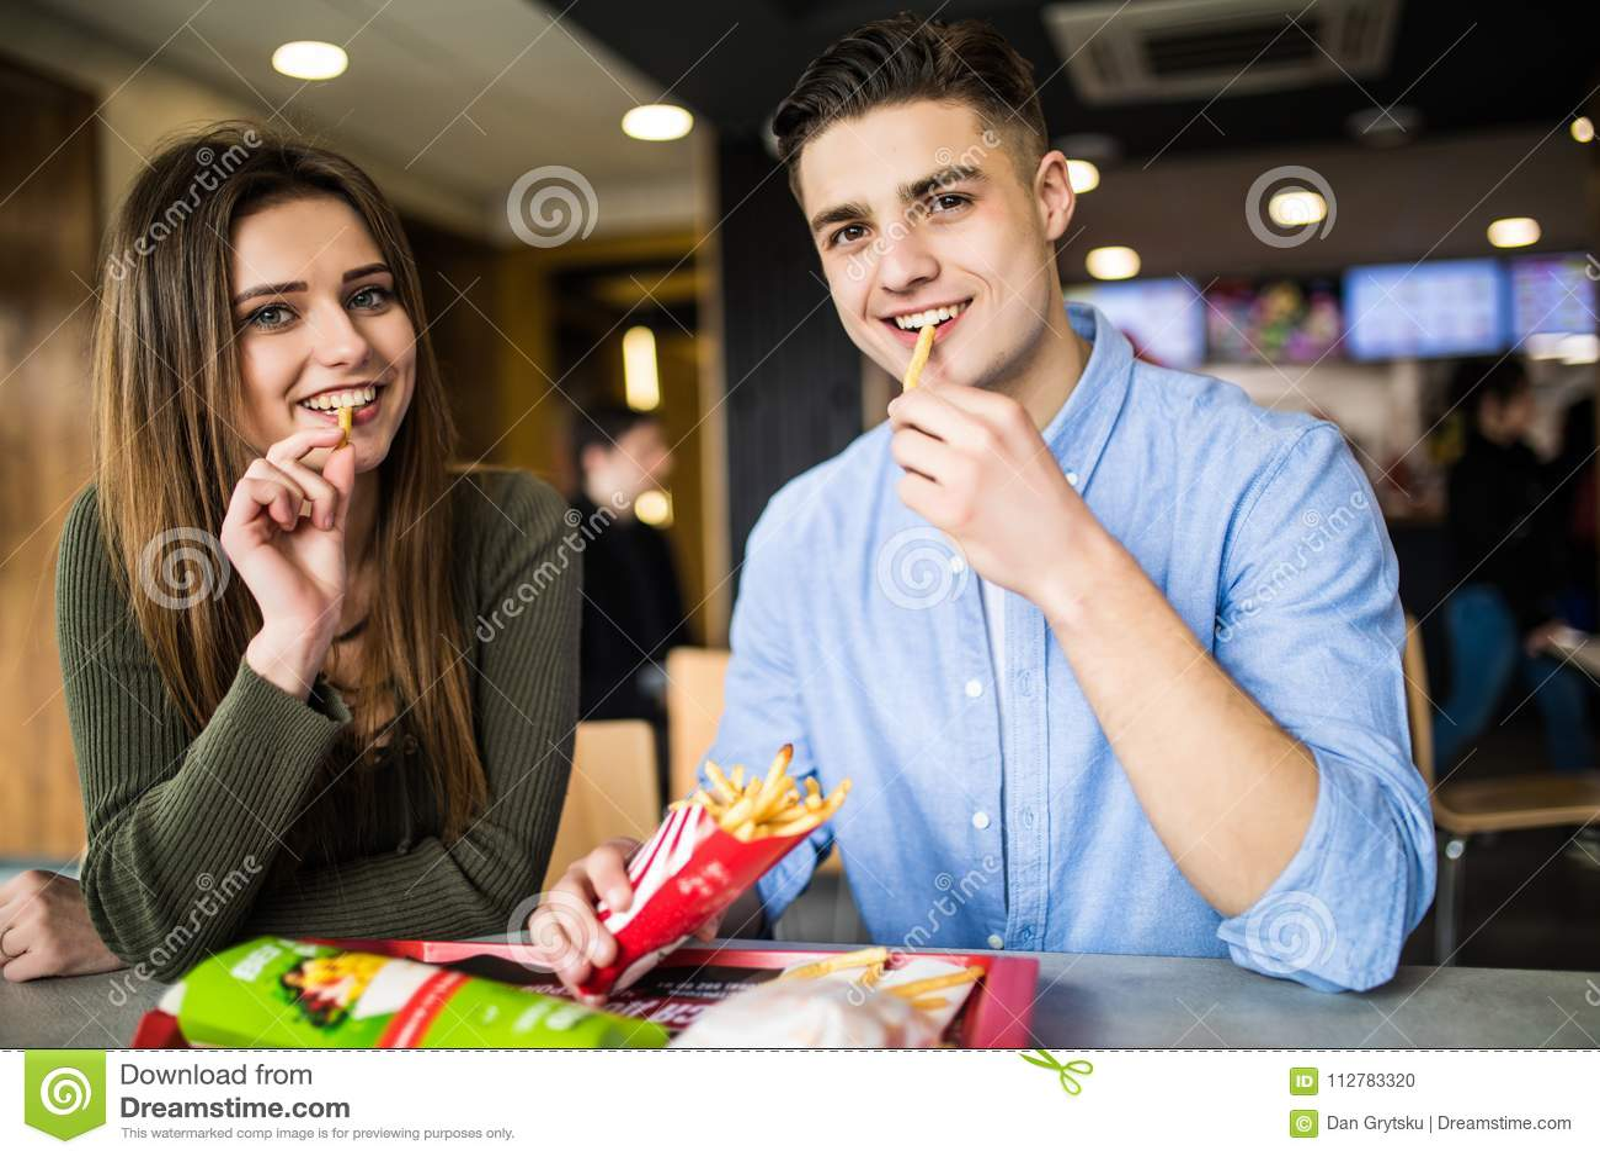 Hamburger dating